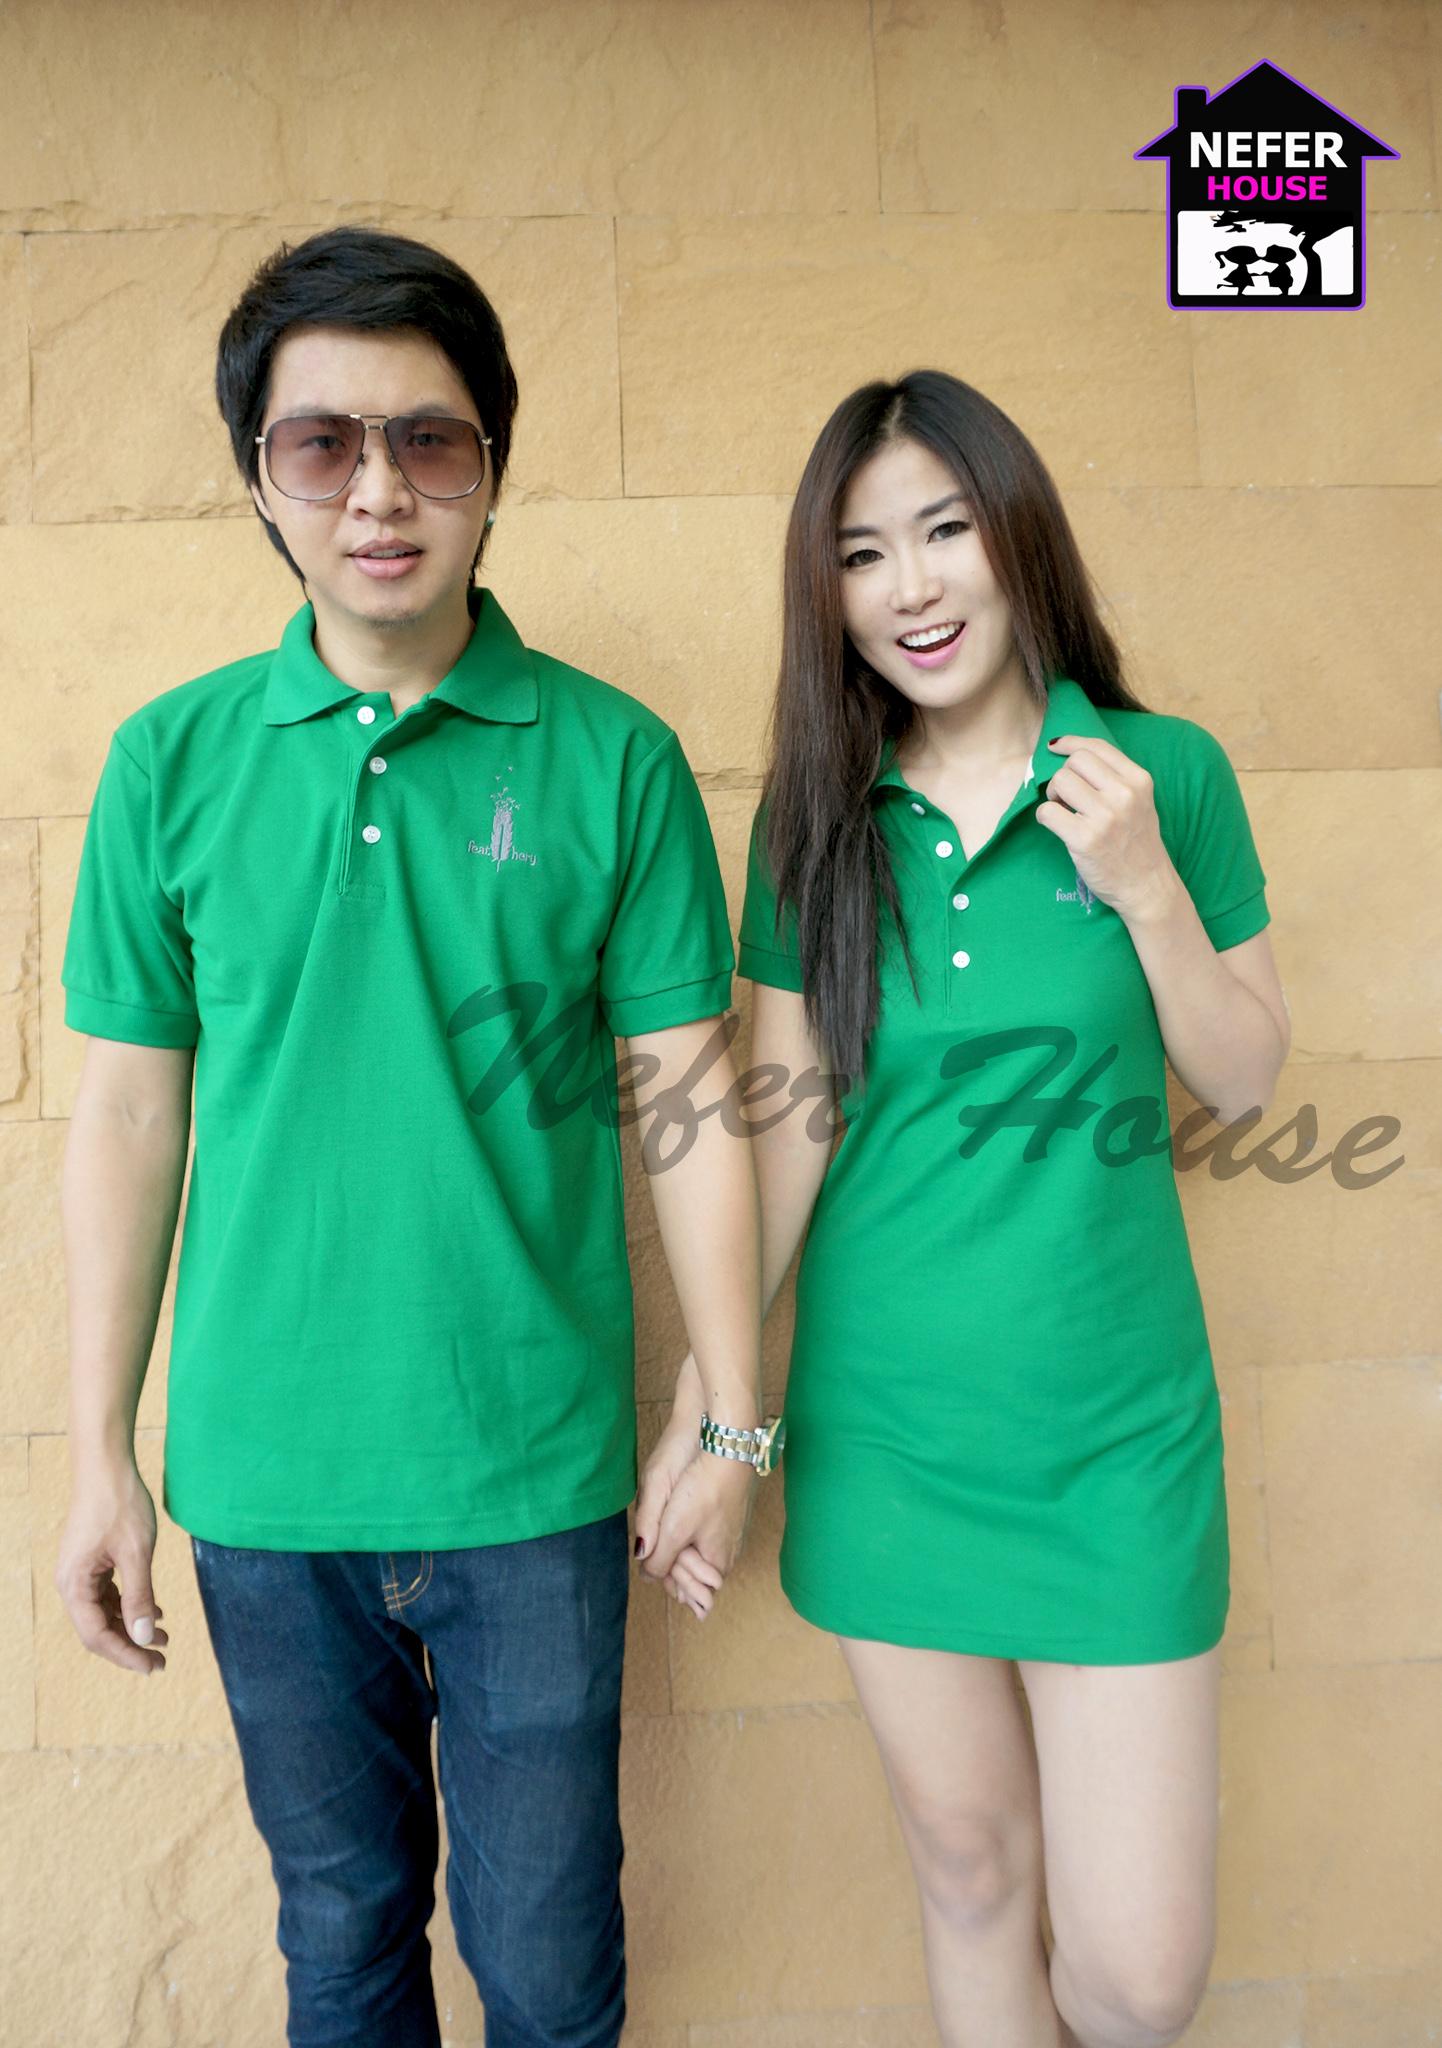 เสื้อคู่รักโปโลสีเขียว